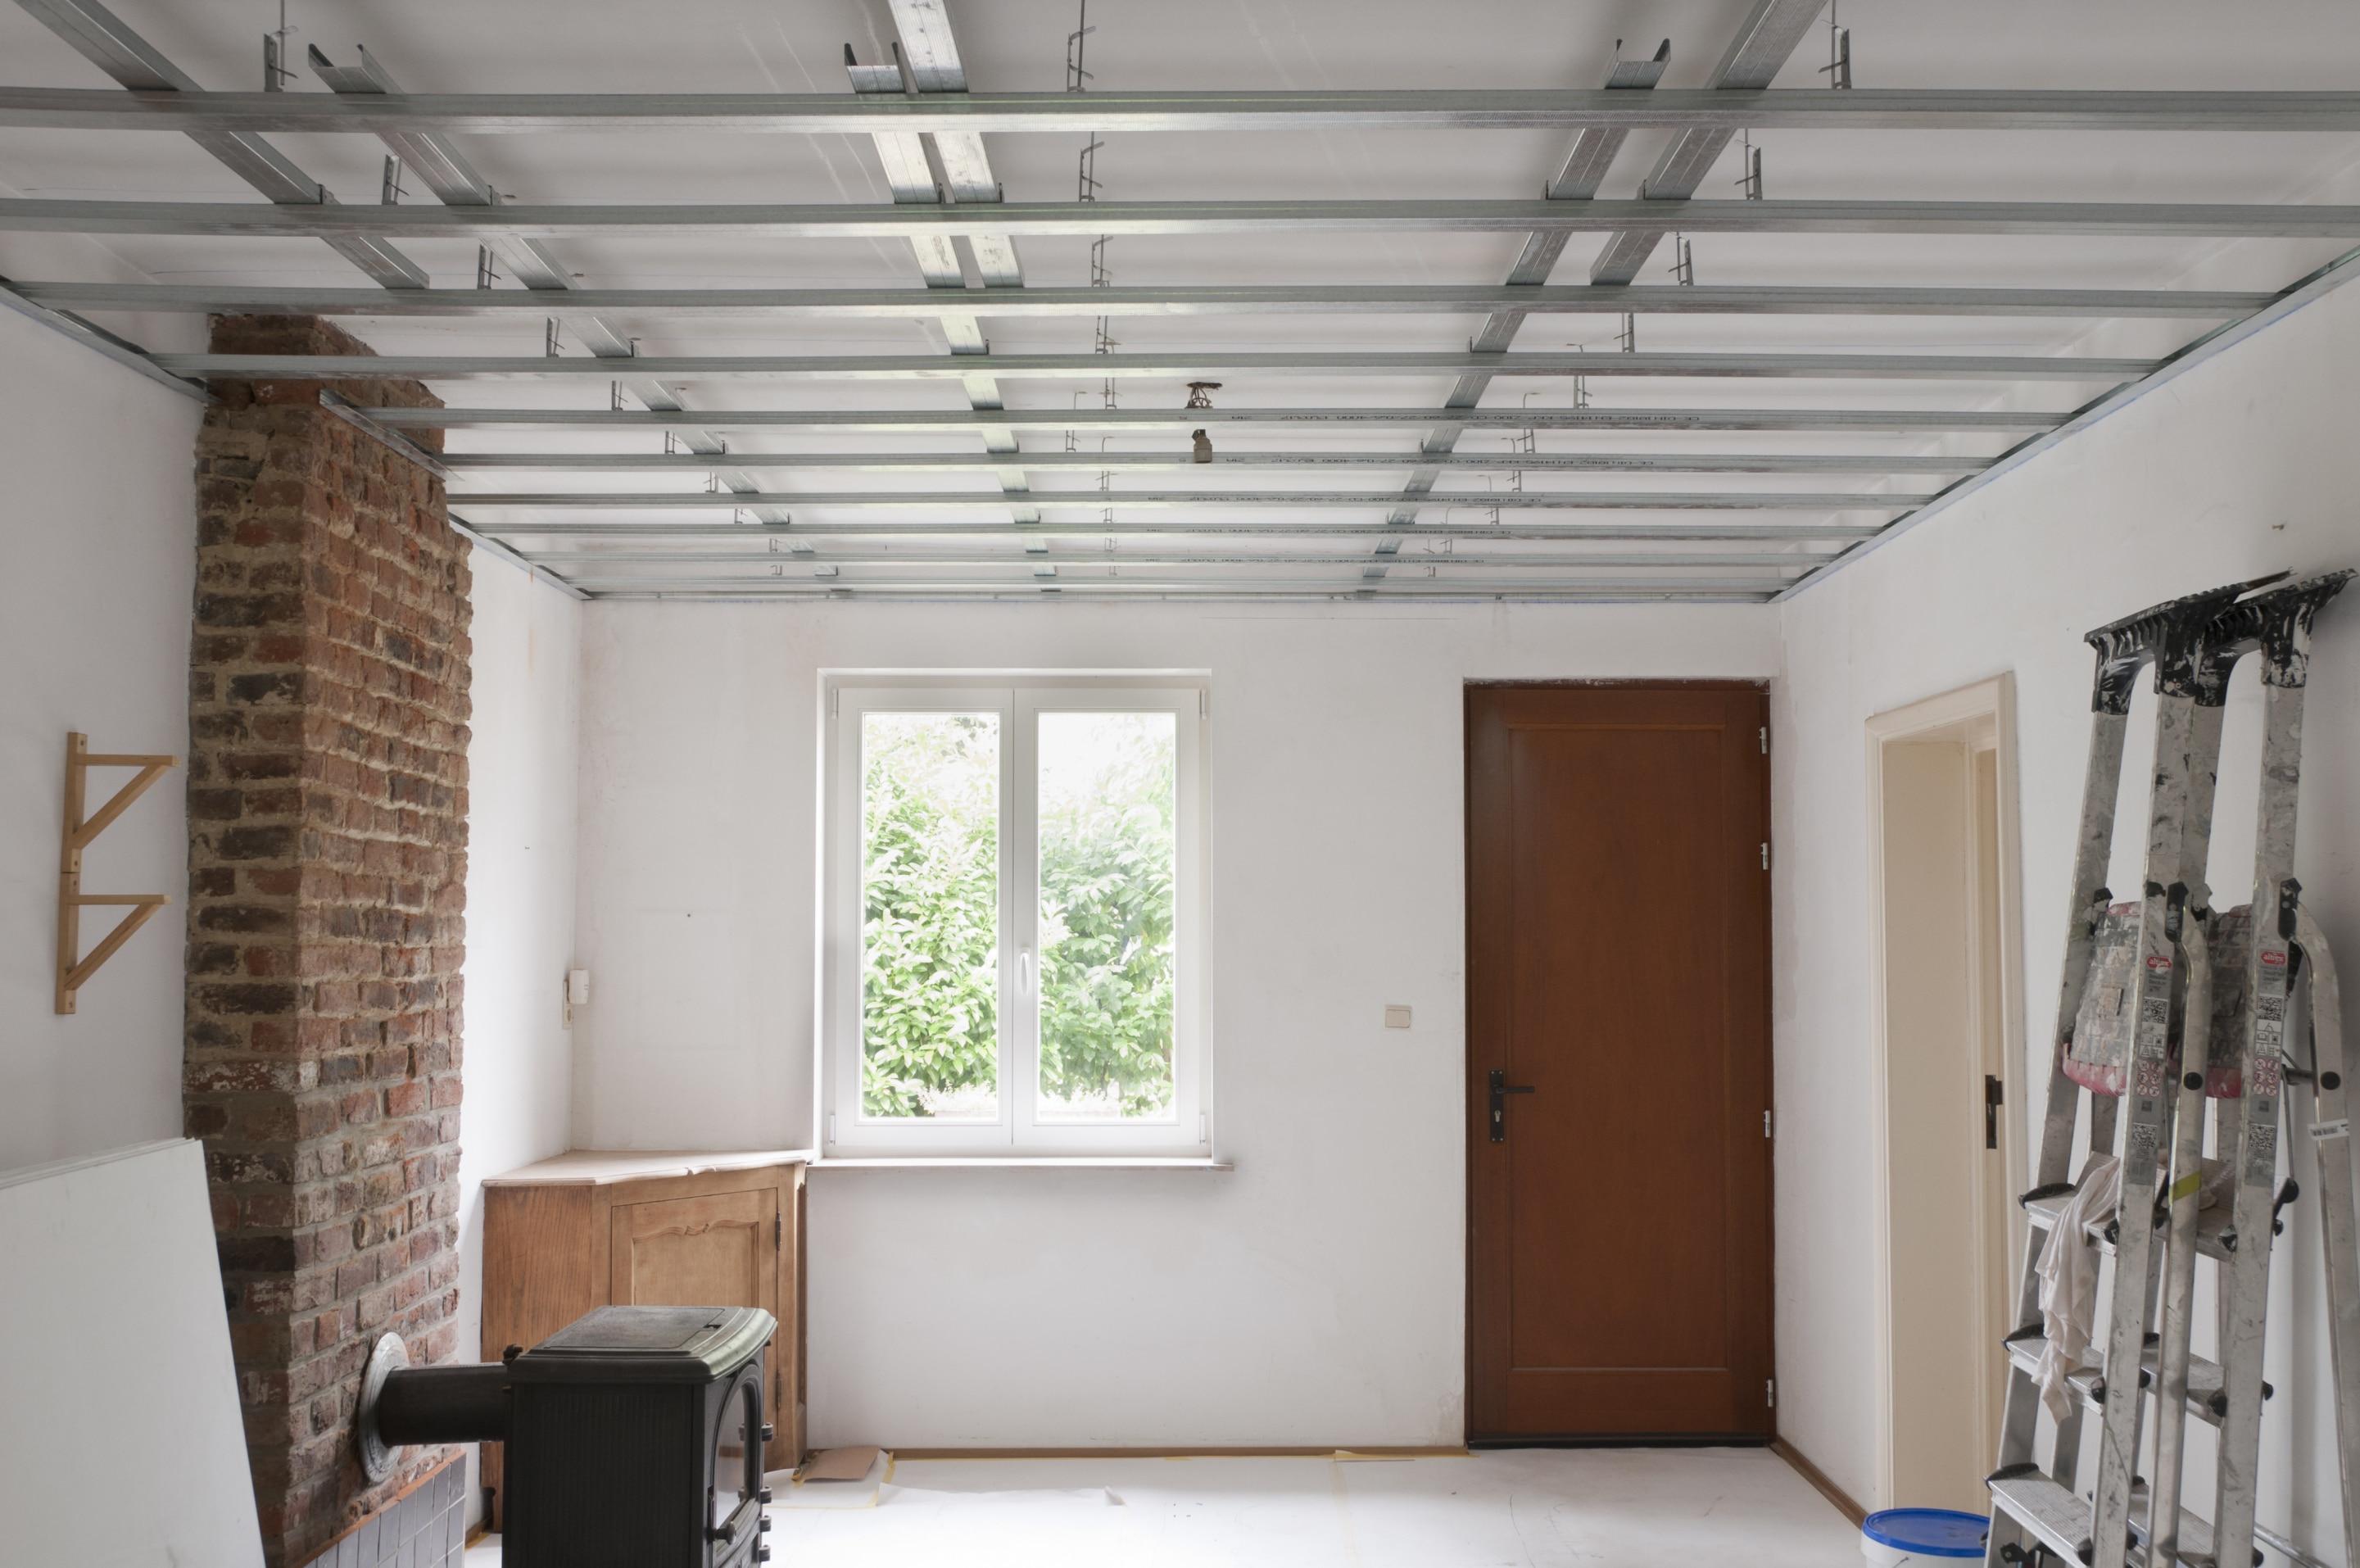 Faux Plafond Suspendu En Dalles Isolantes prix d'un faux plafond au m2